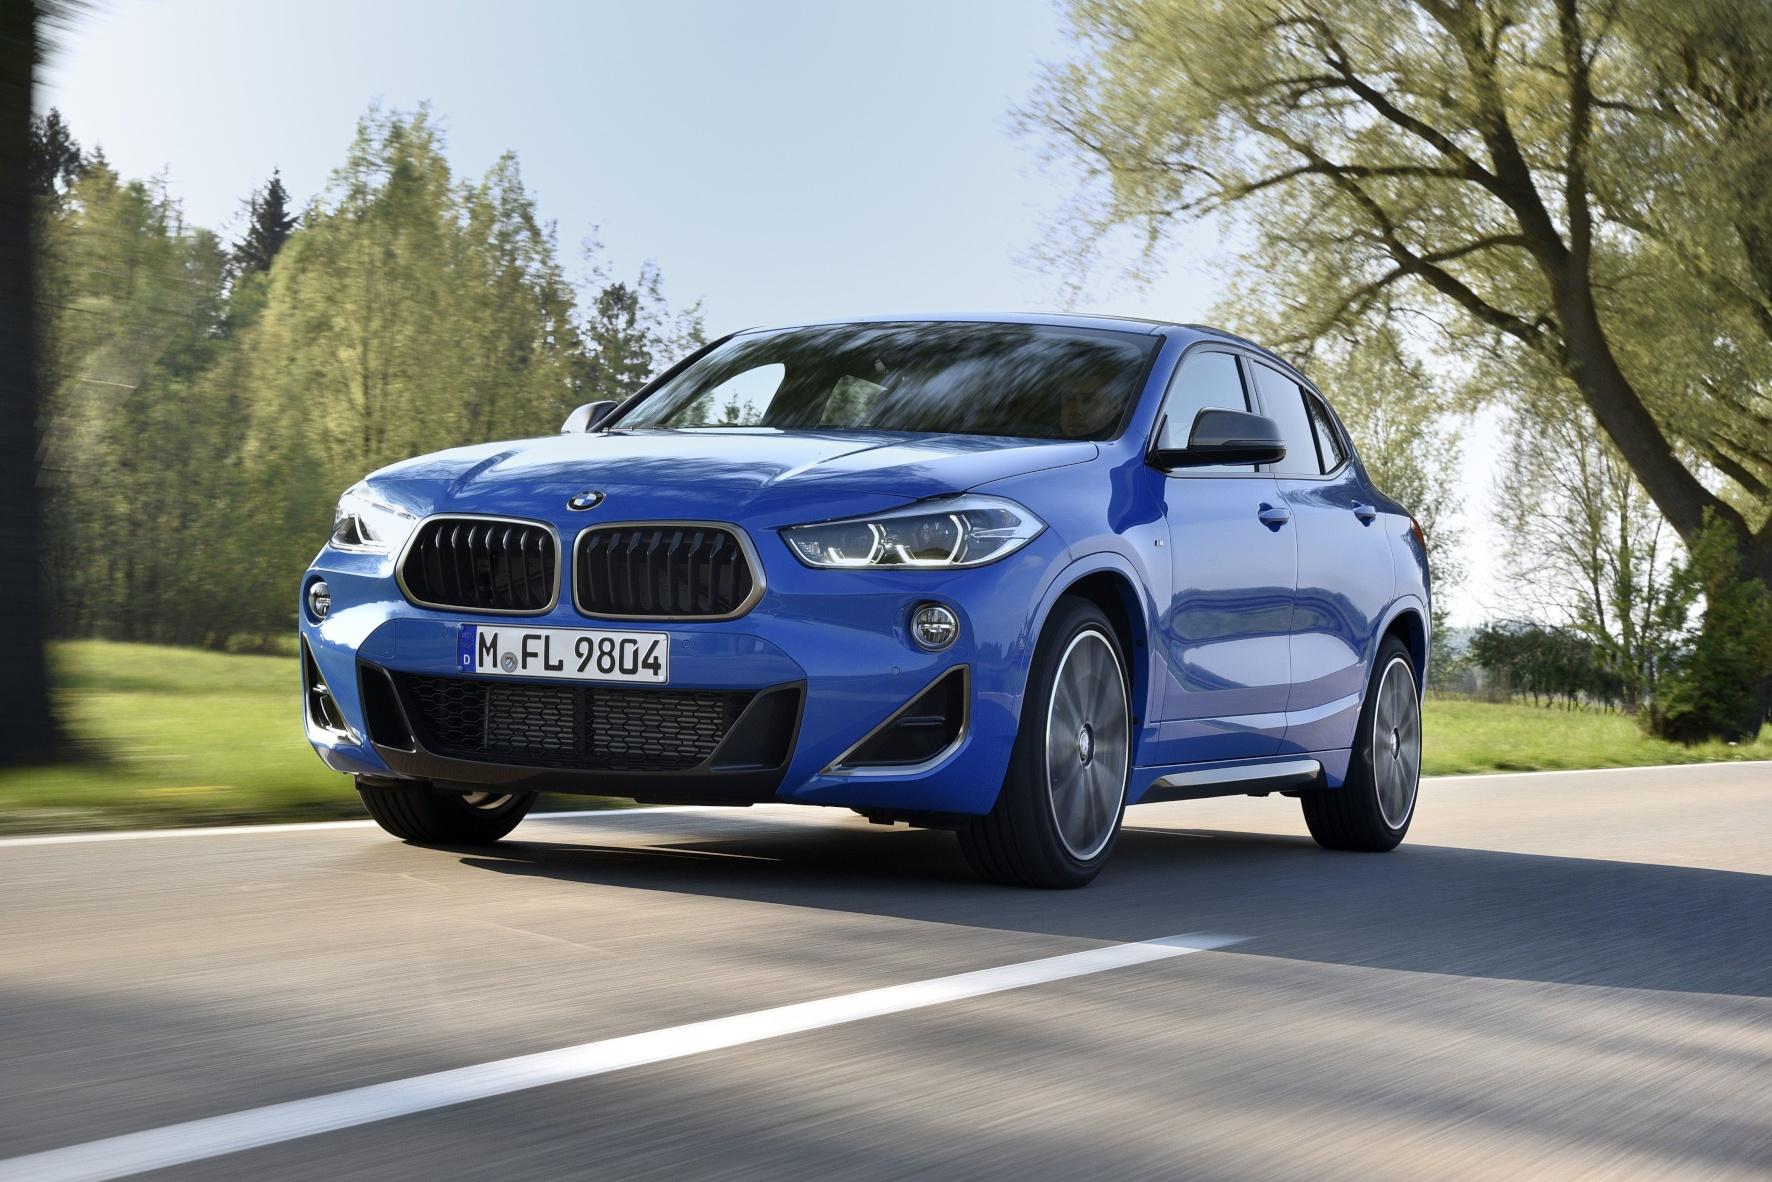 Unterwegs im Spitzenmodell der BMW-X2-Baureihe